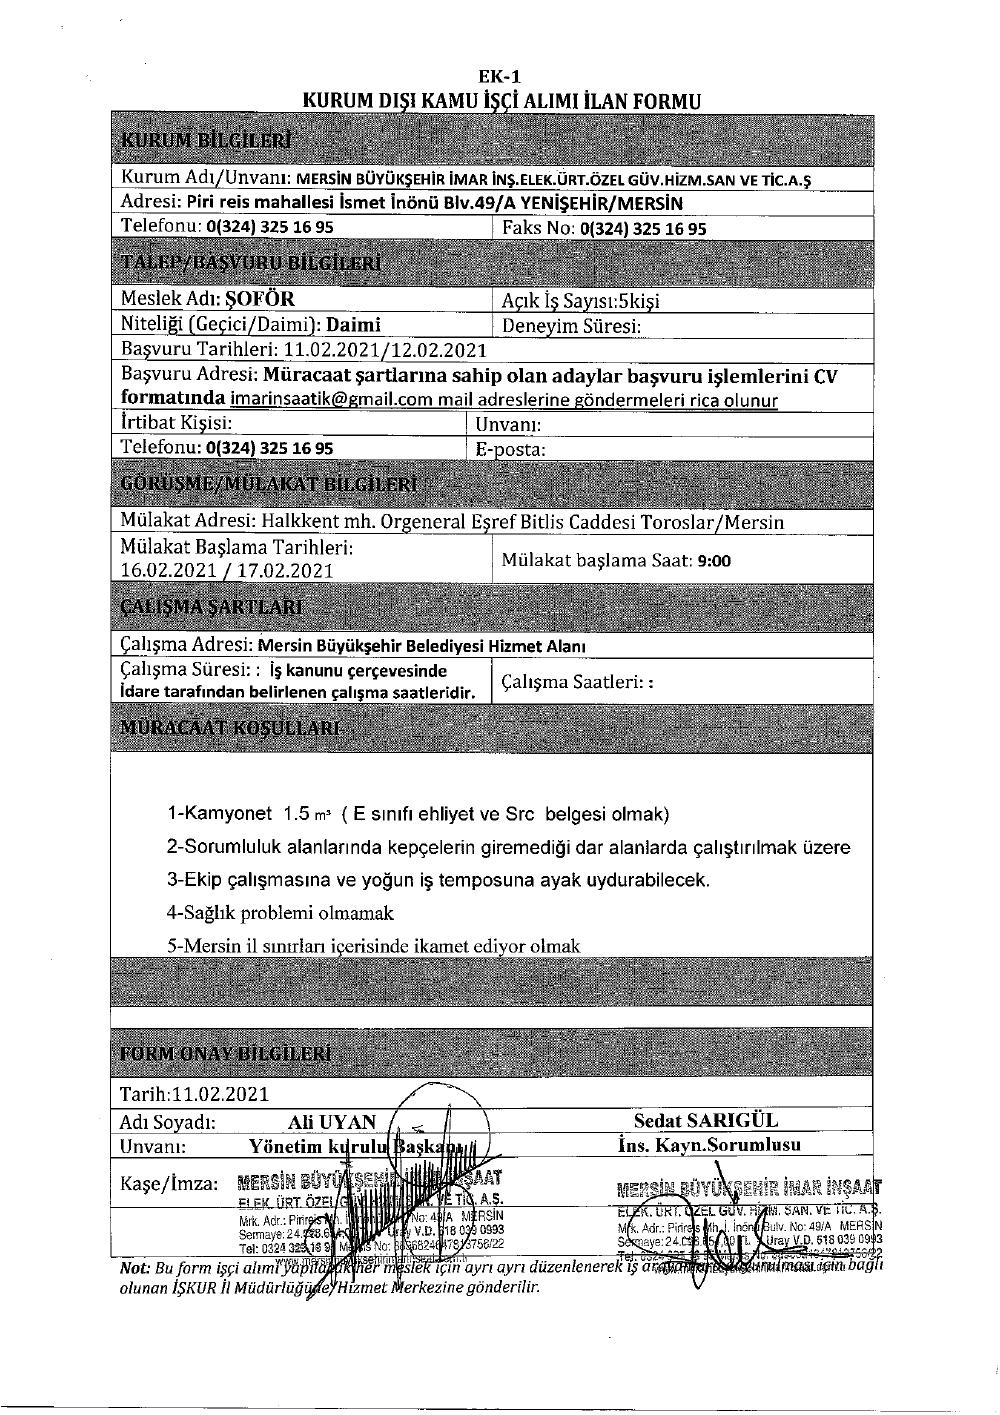 mersin-b-beld-imar-ins-tic-a-s-12-02-2021-000002.png